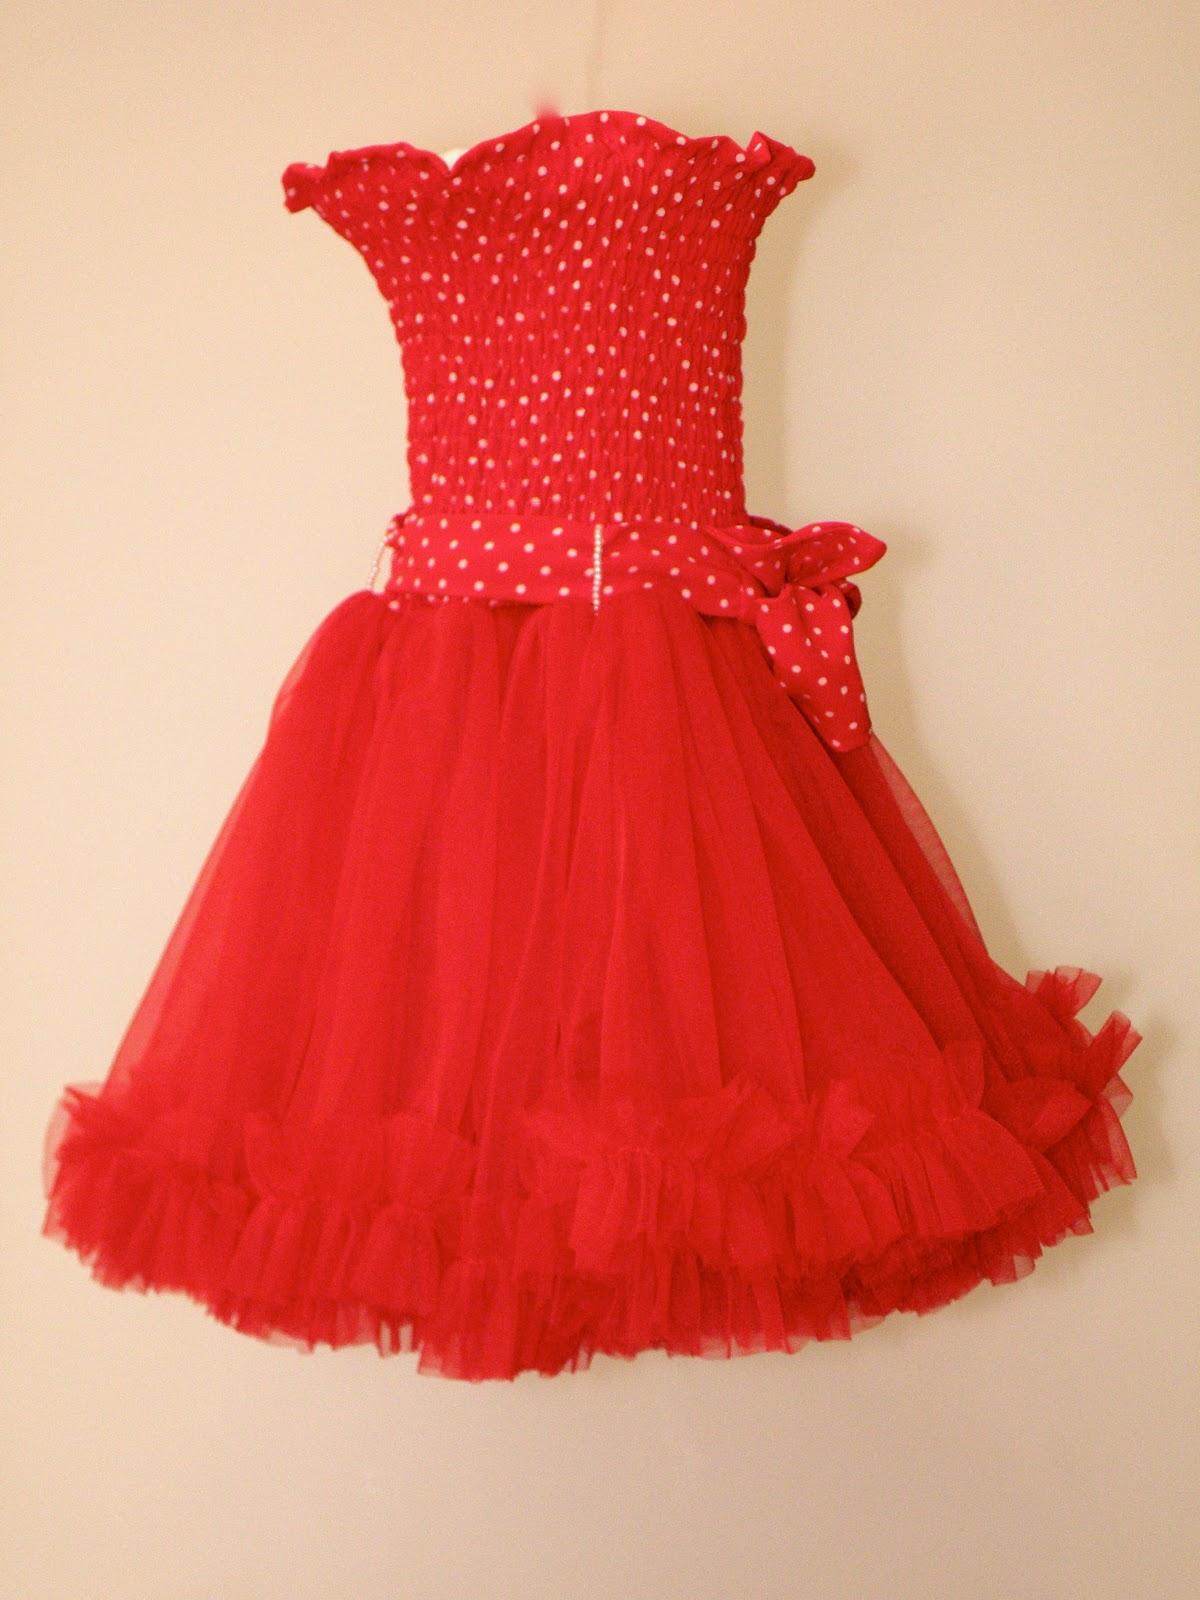 Как сшить одежду своими руками Выкройки платья, юбки 84